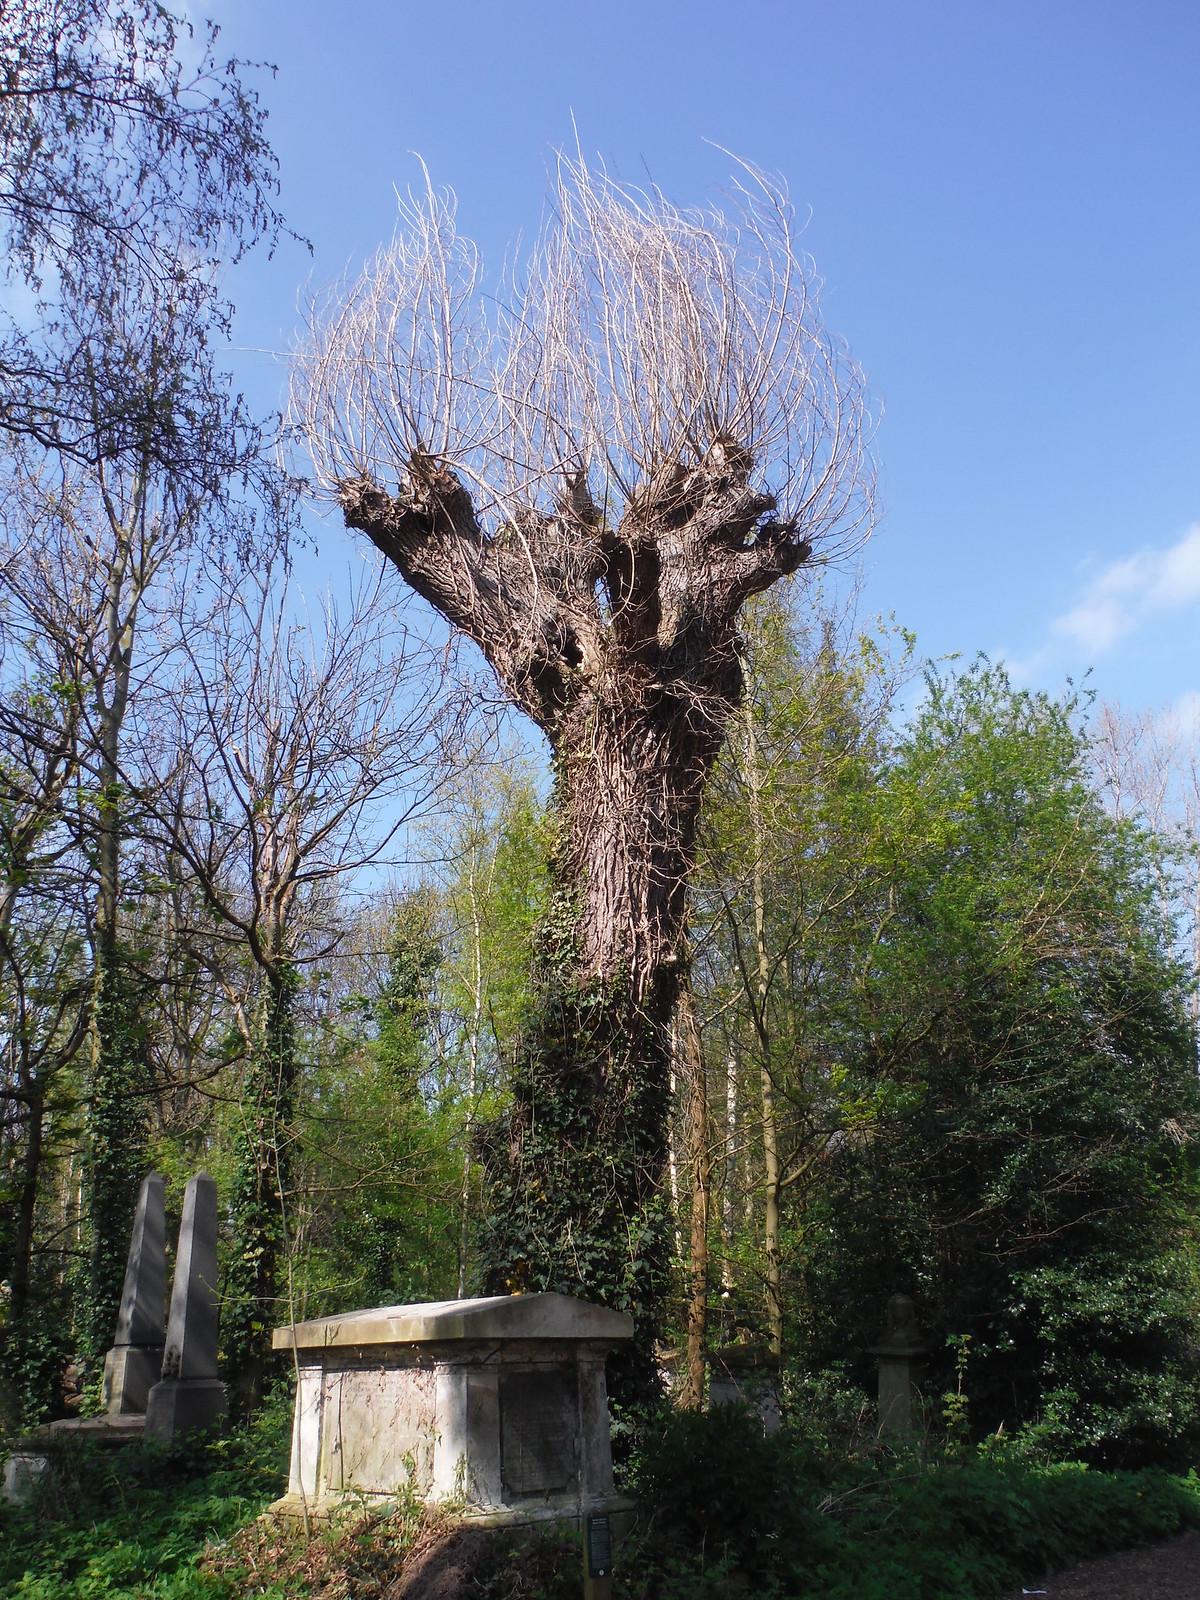 Italian Hybrid Black Poplar in Abney Park Cemetery SWC Short Walk 26 - Woodberry Wetlands (Stoke Newington Reservoirs)